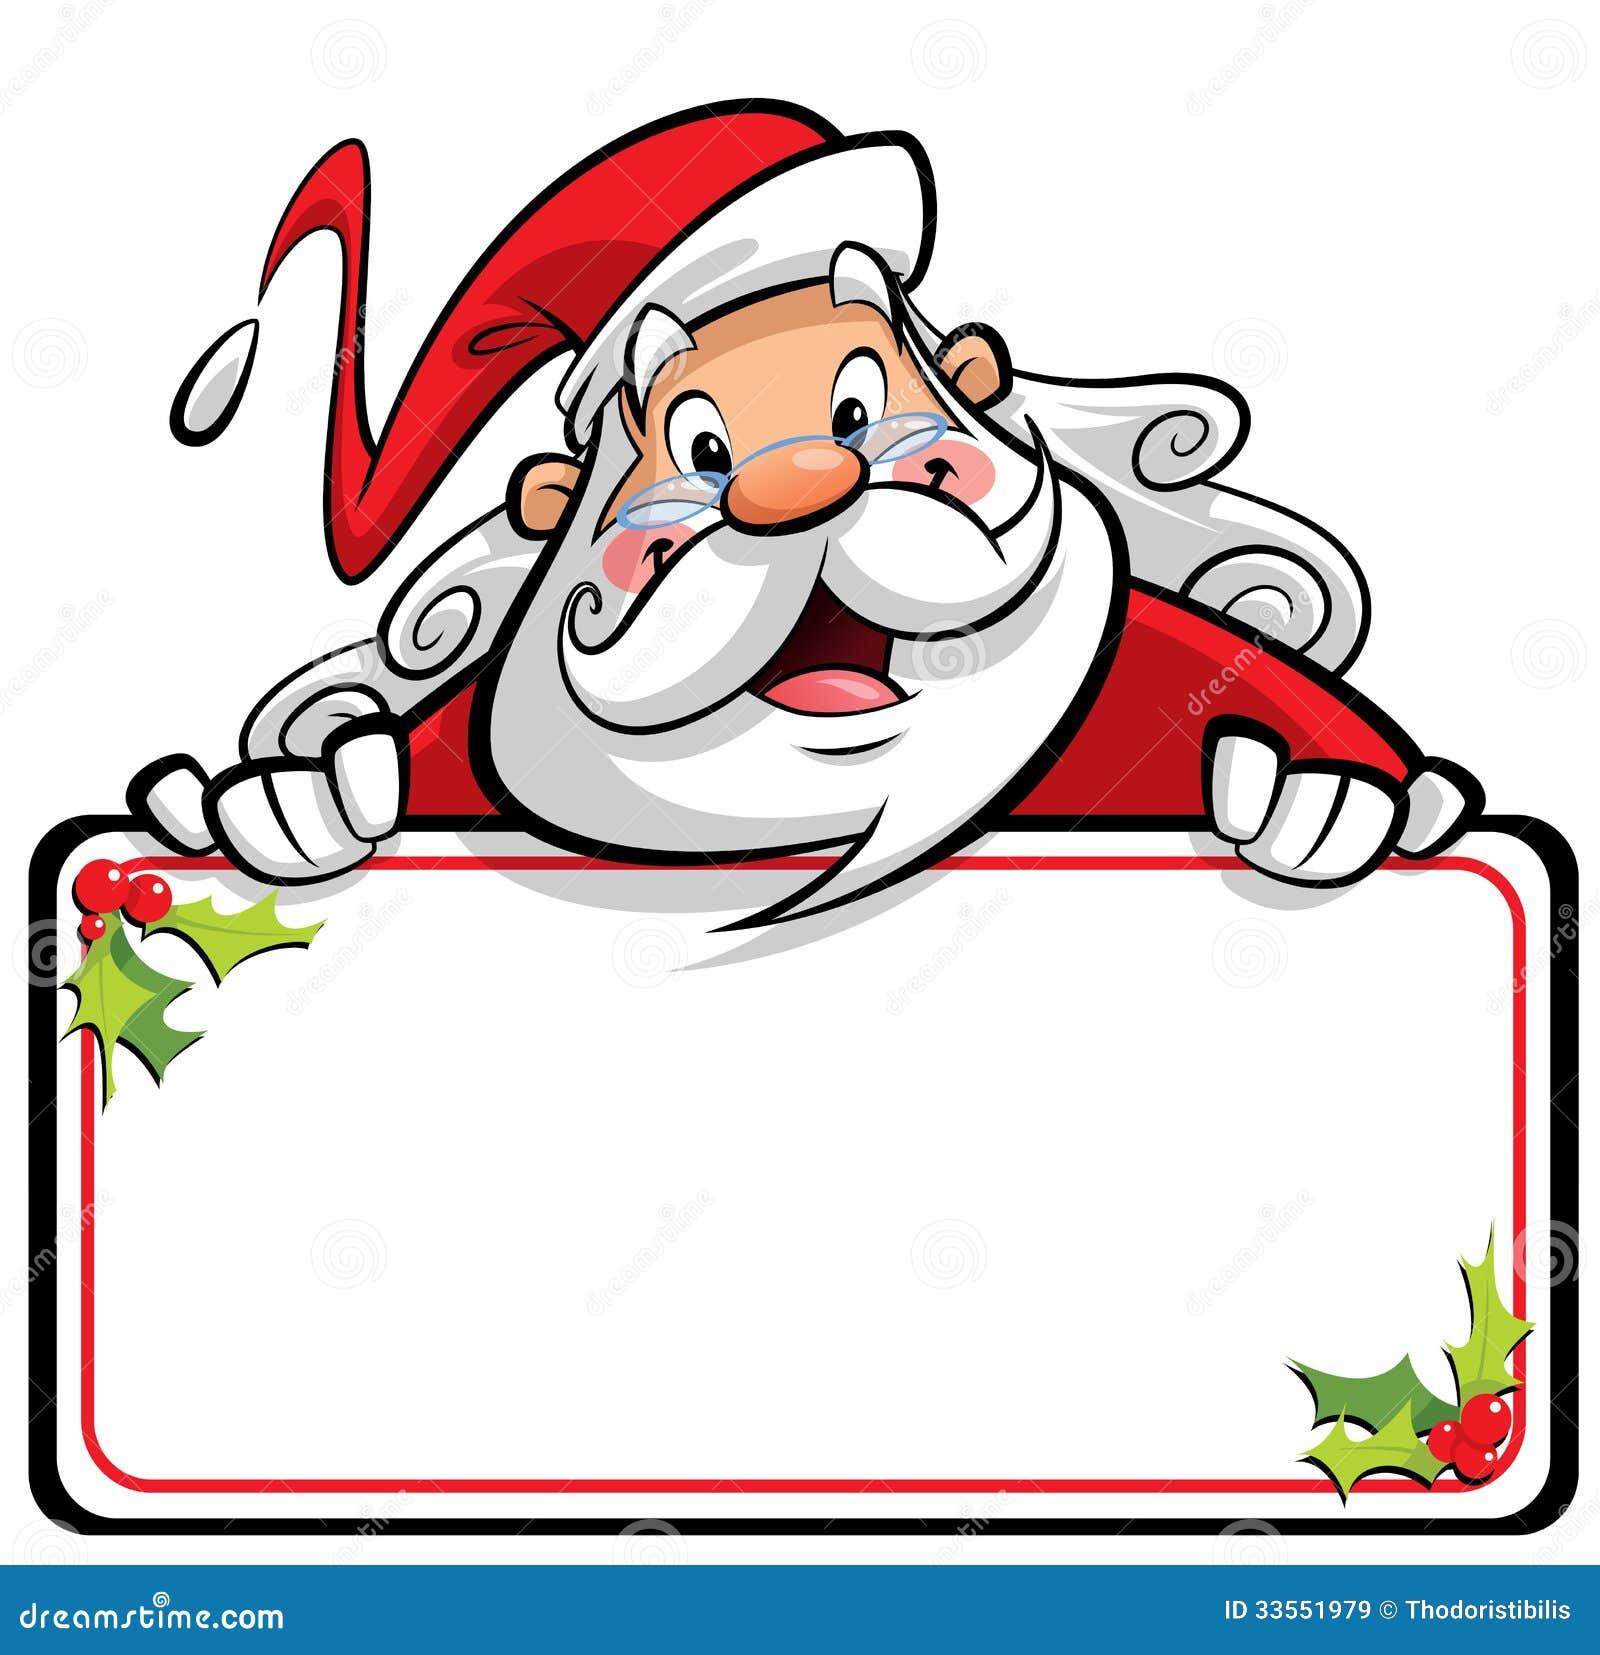 Imagenes De Papa Noel Animado.Personaje De Dibujos Animados Sonriente Feliz De Santa Claus